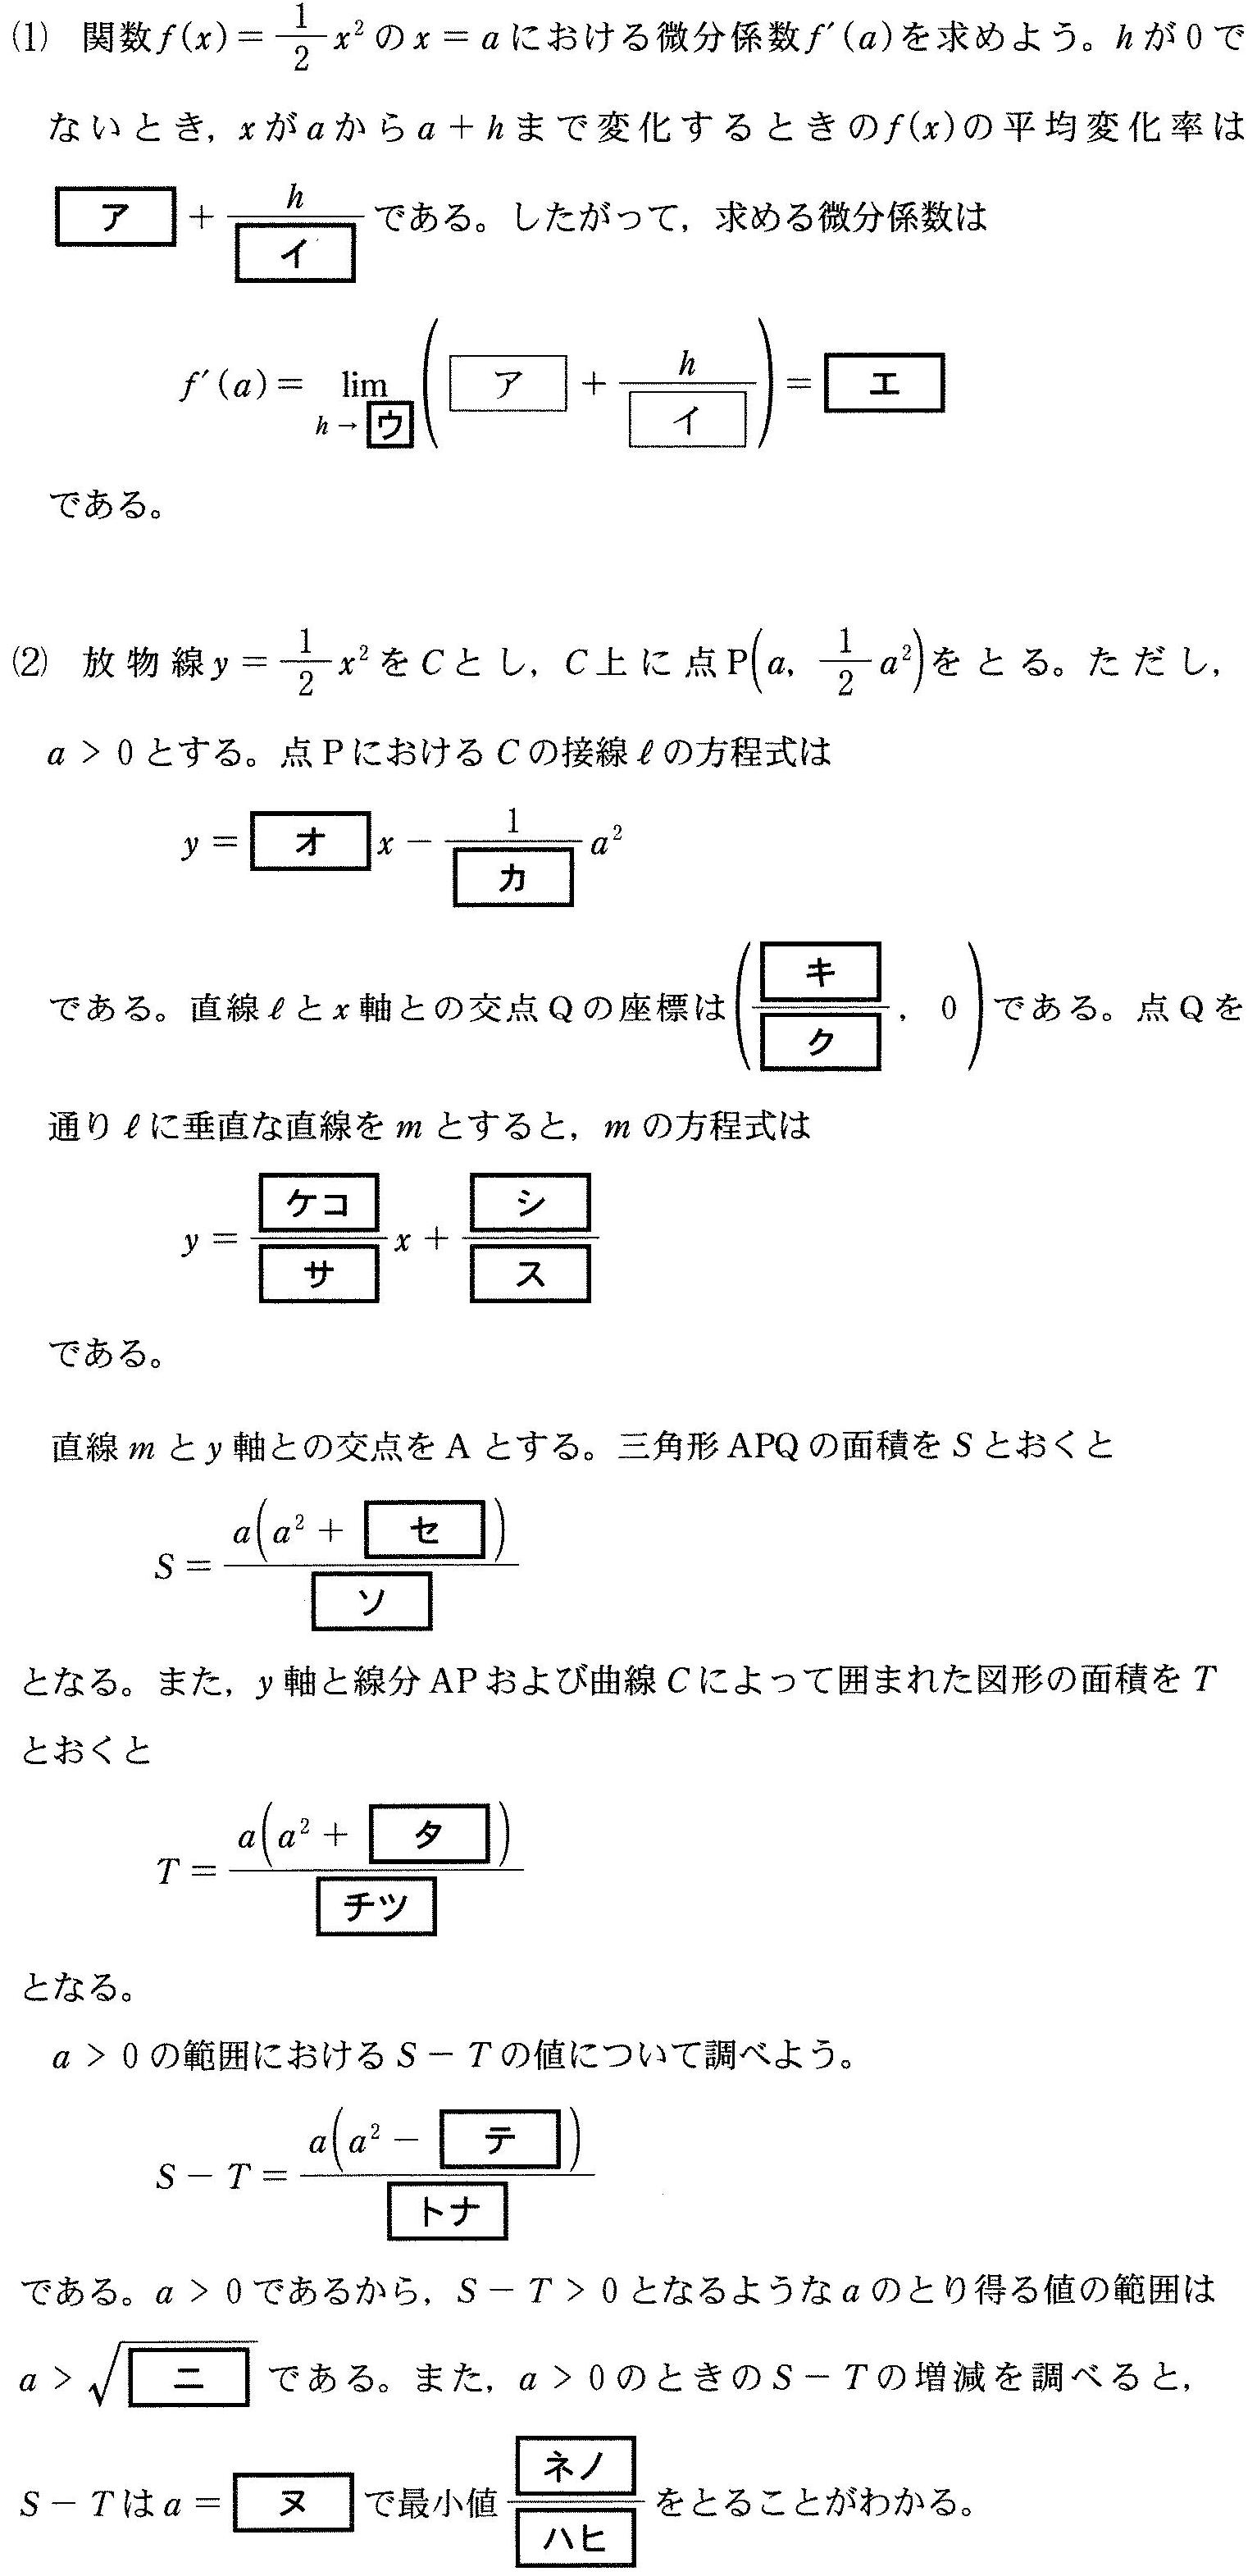 問題2B2